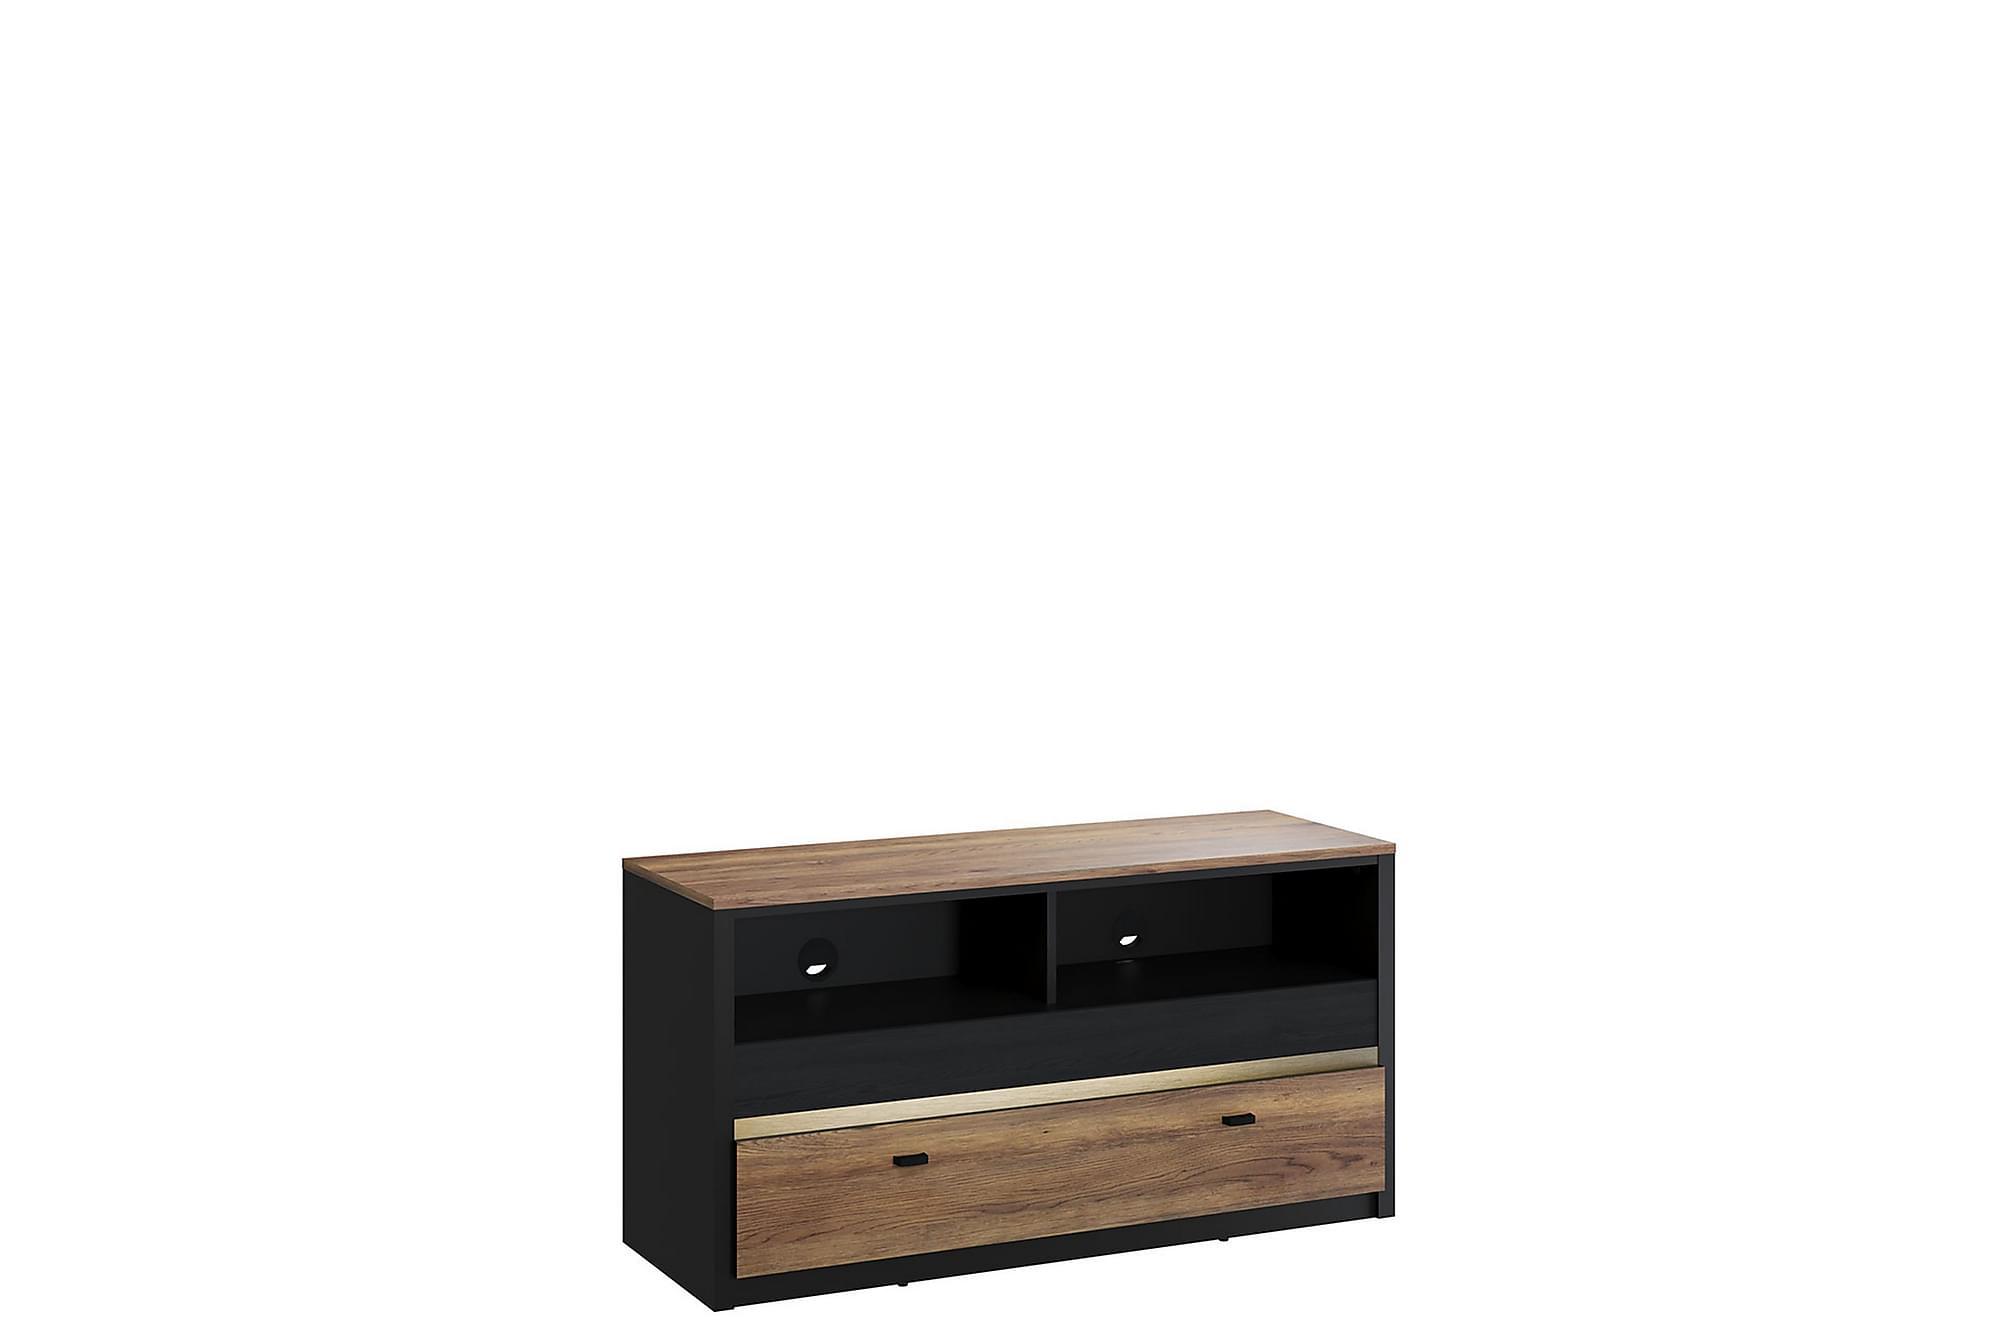 BELIZE TV-bänk 43x120 cm Svart/Trä, Mediamöbler